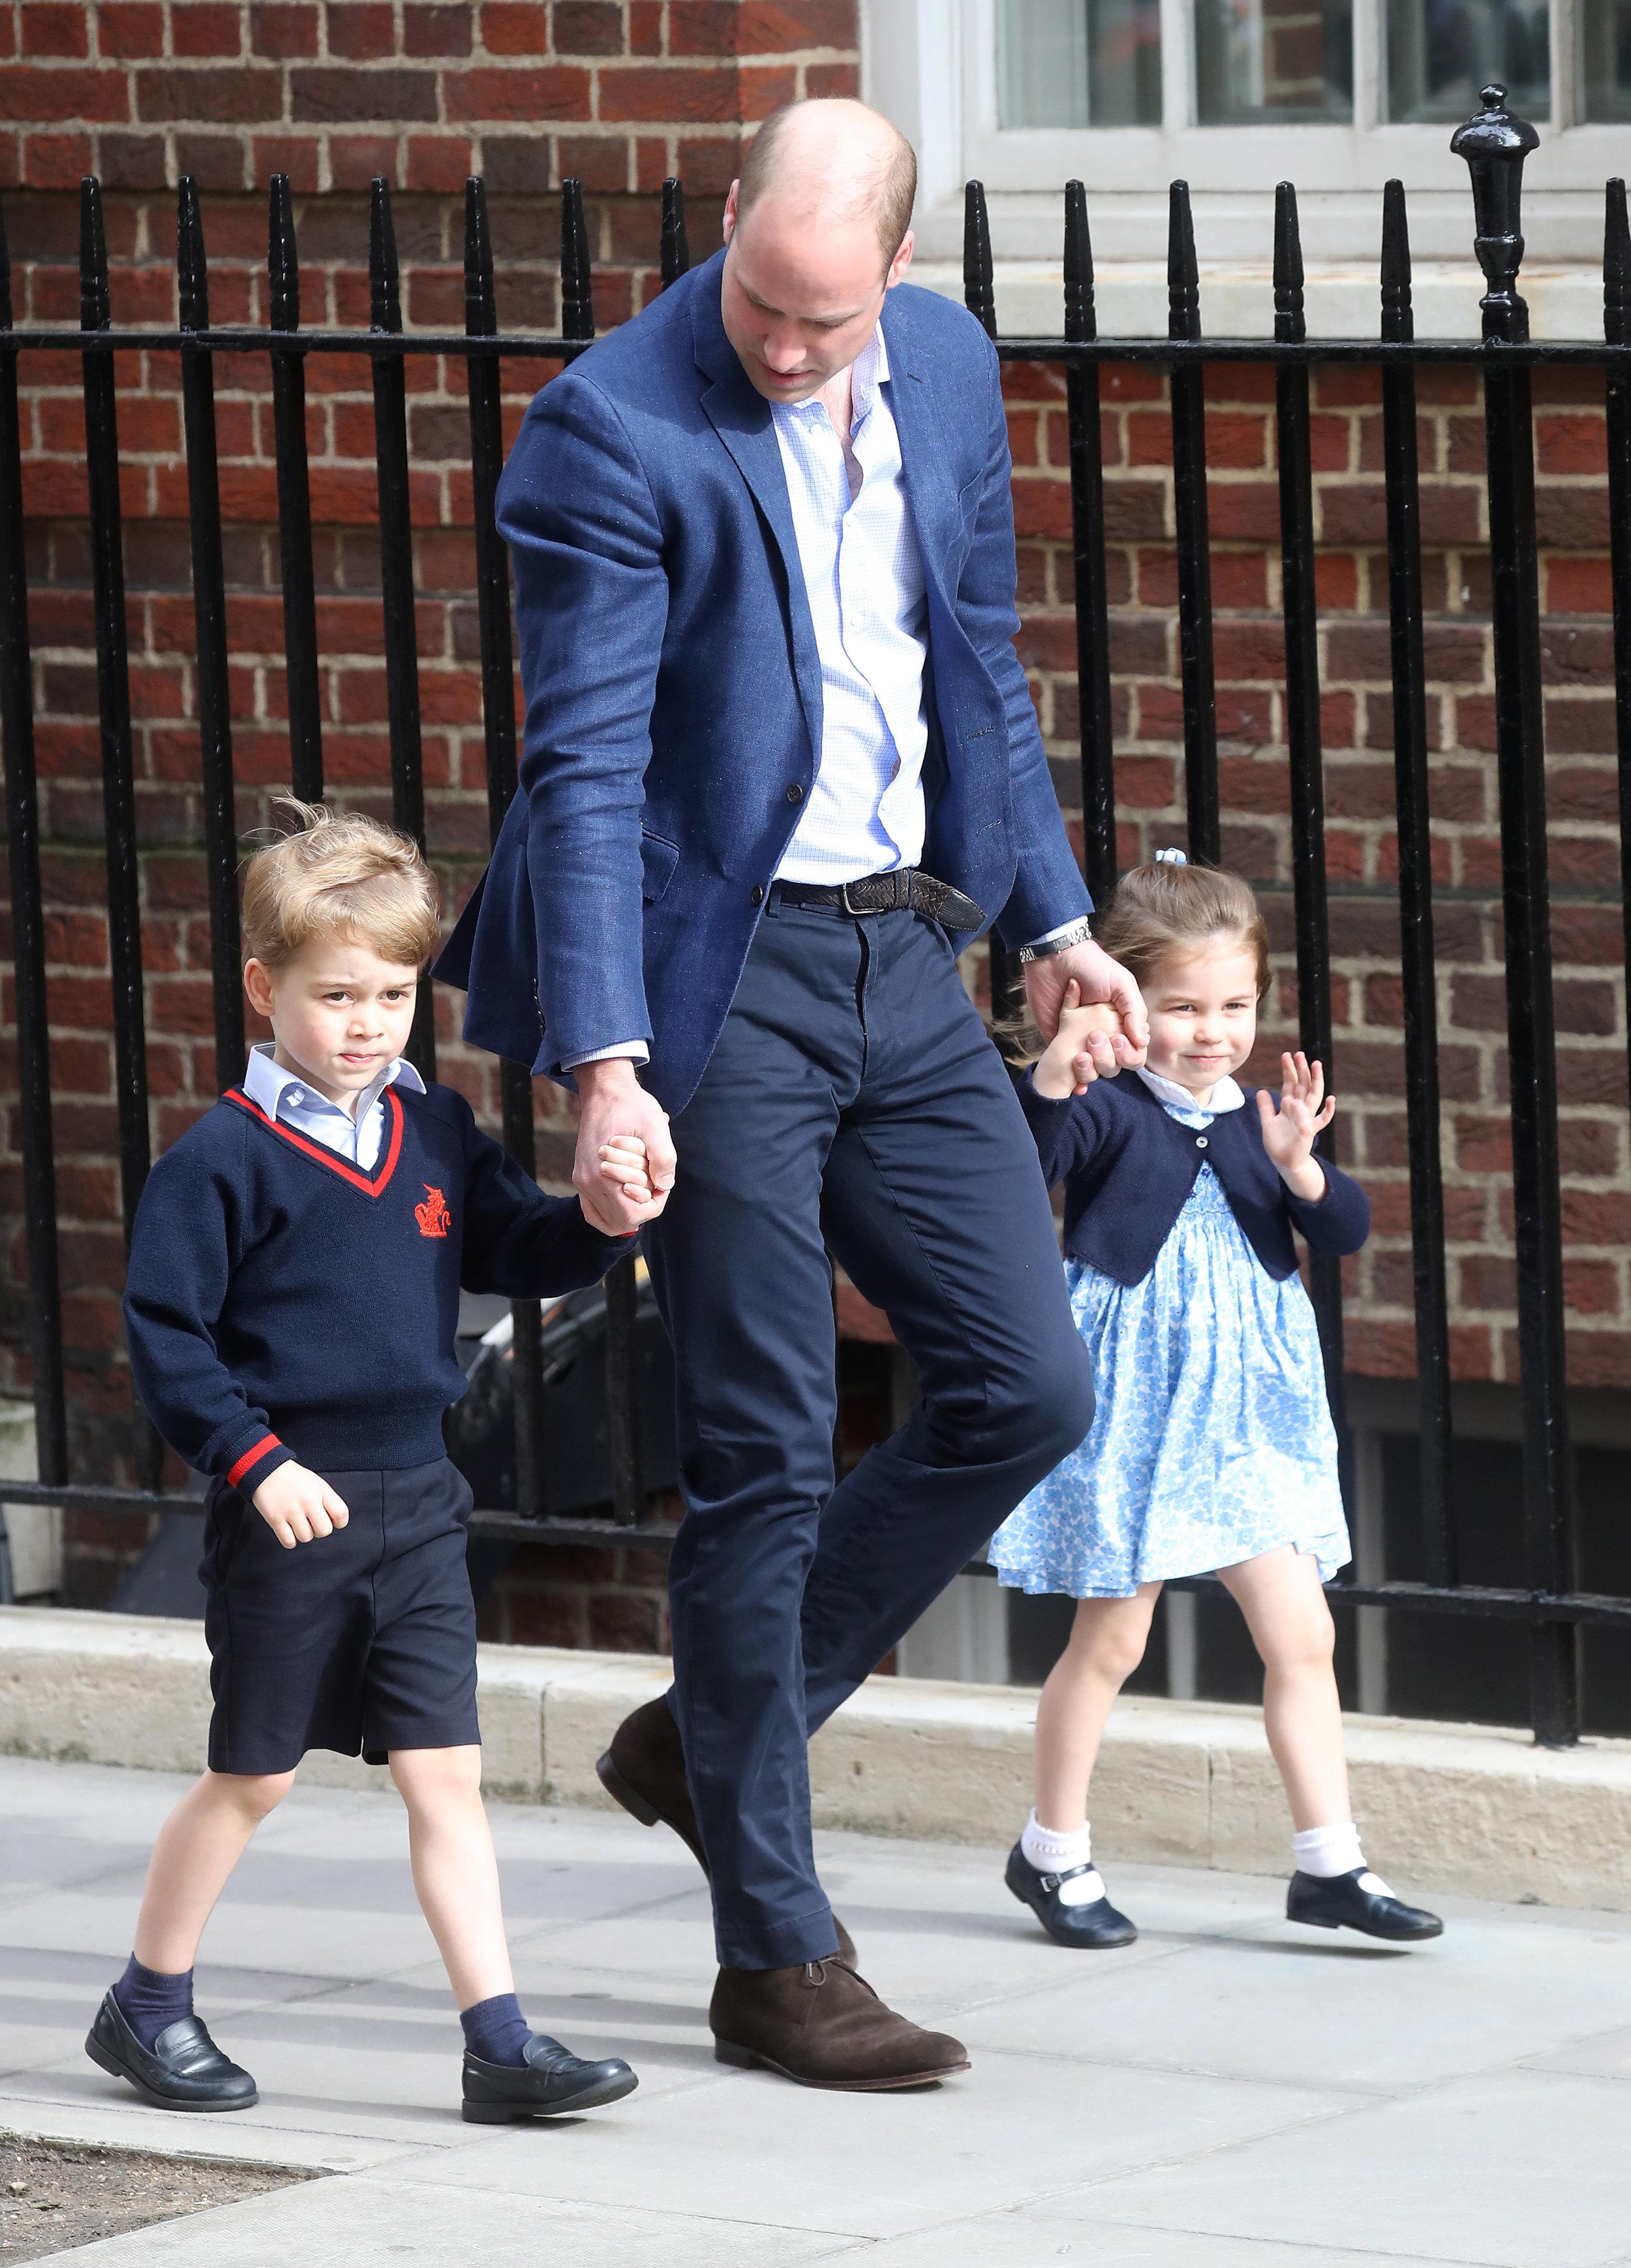 George war auf dem Weg ins Krankenhaus, um seinen kleinen Bruder abzuholen, ganz schüchtern. Charlotte dagegen grüßte die wartenden Menschen.  Foto: Getty Images